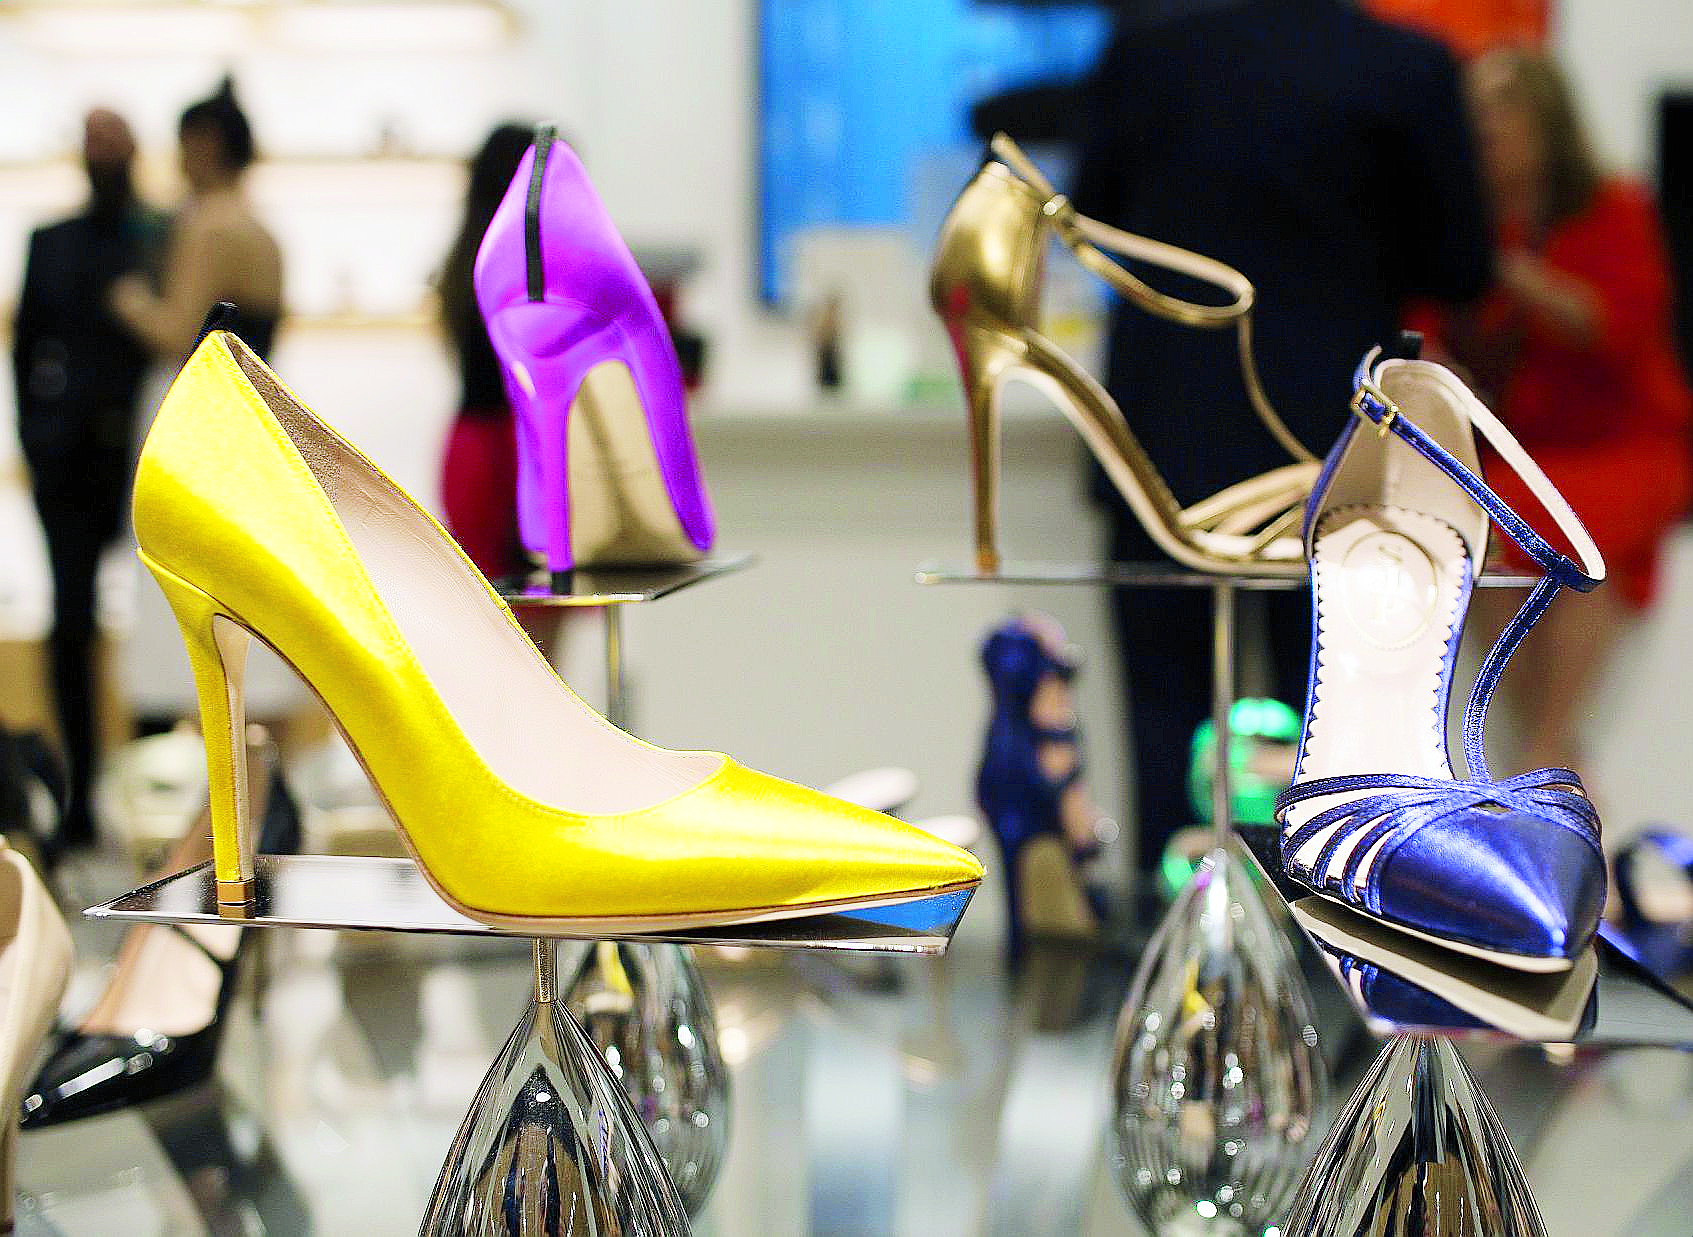 El departamento de zapatos de Nordstrom es uno de los más visitados.